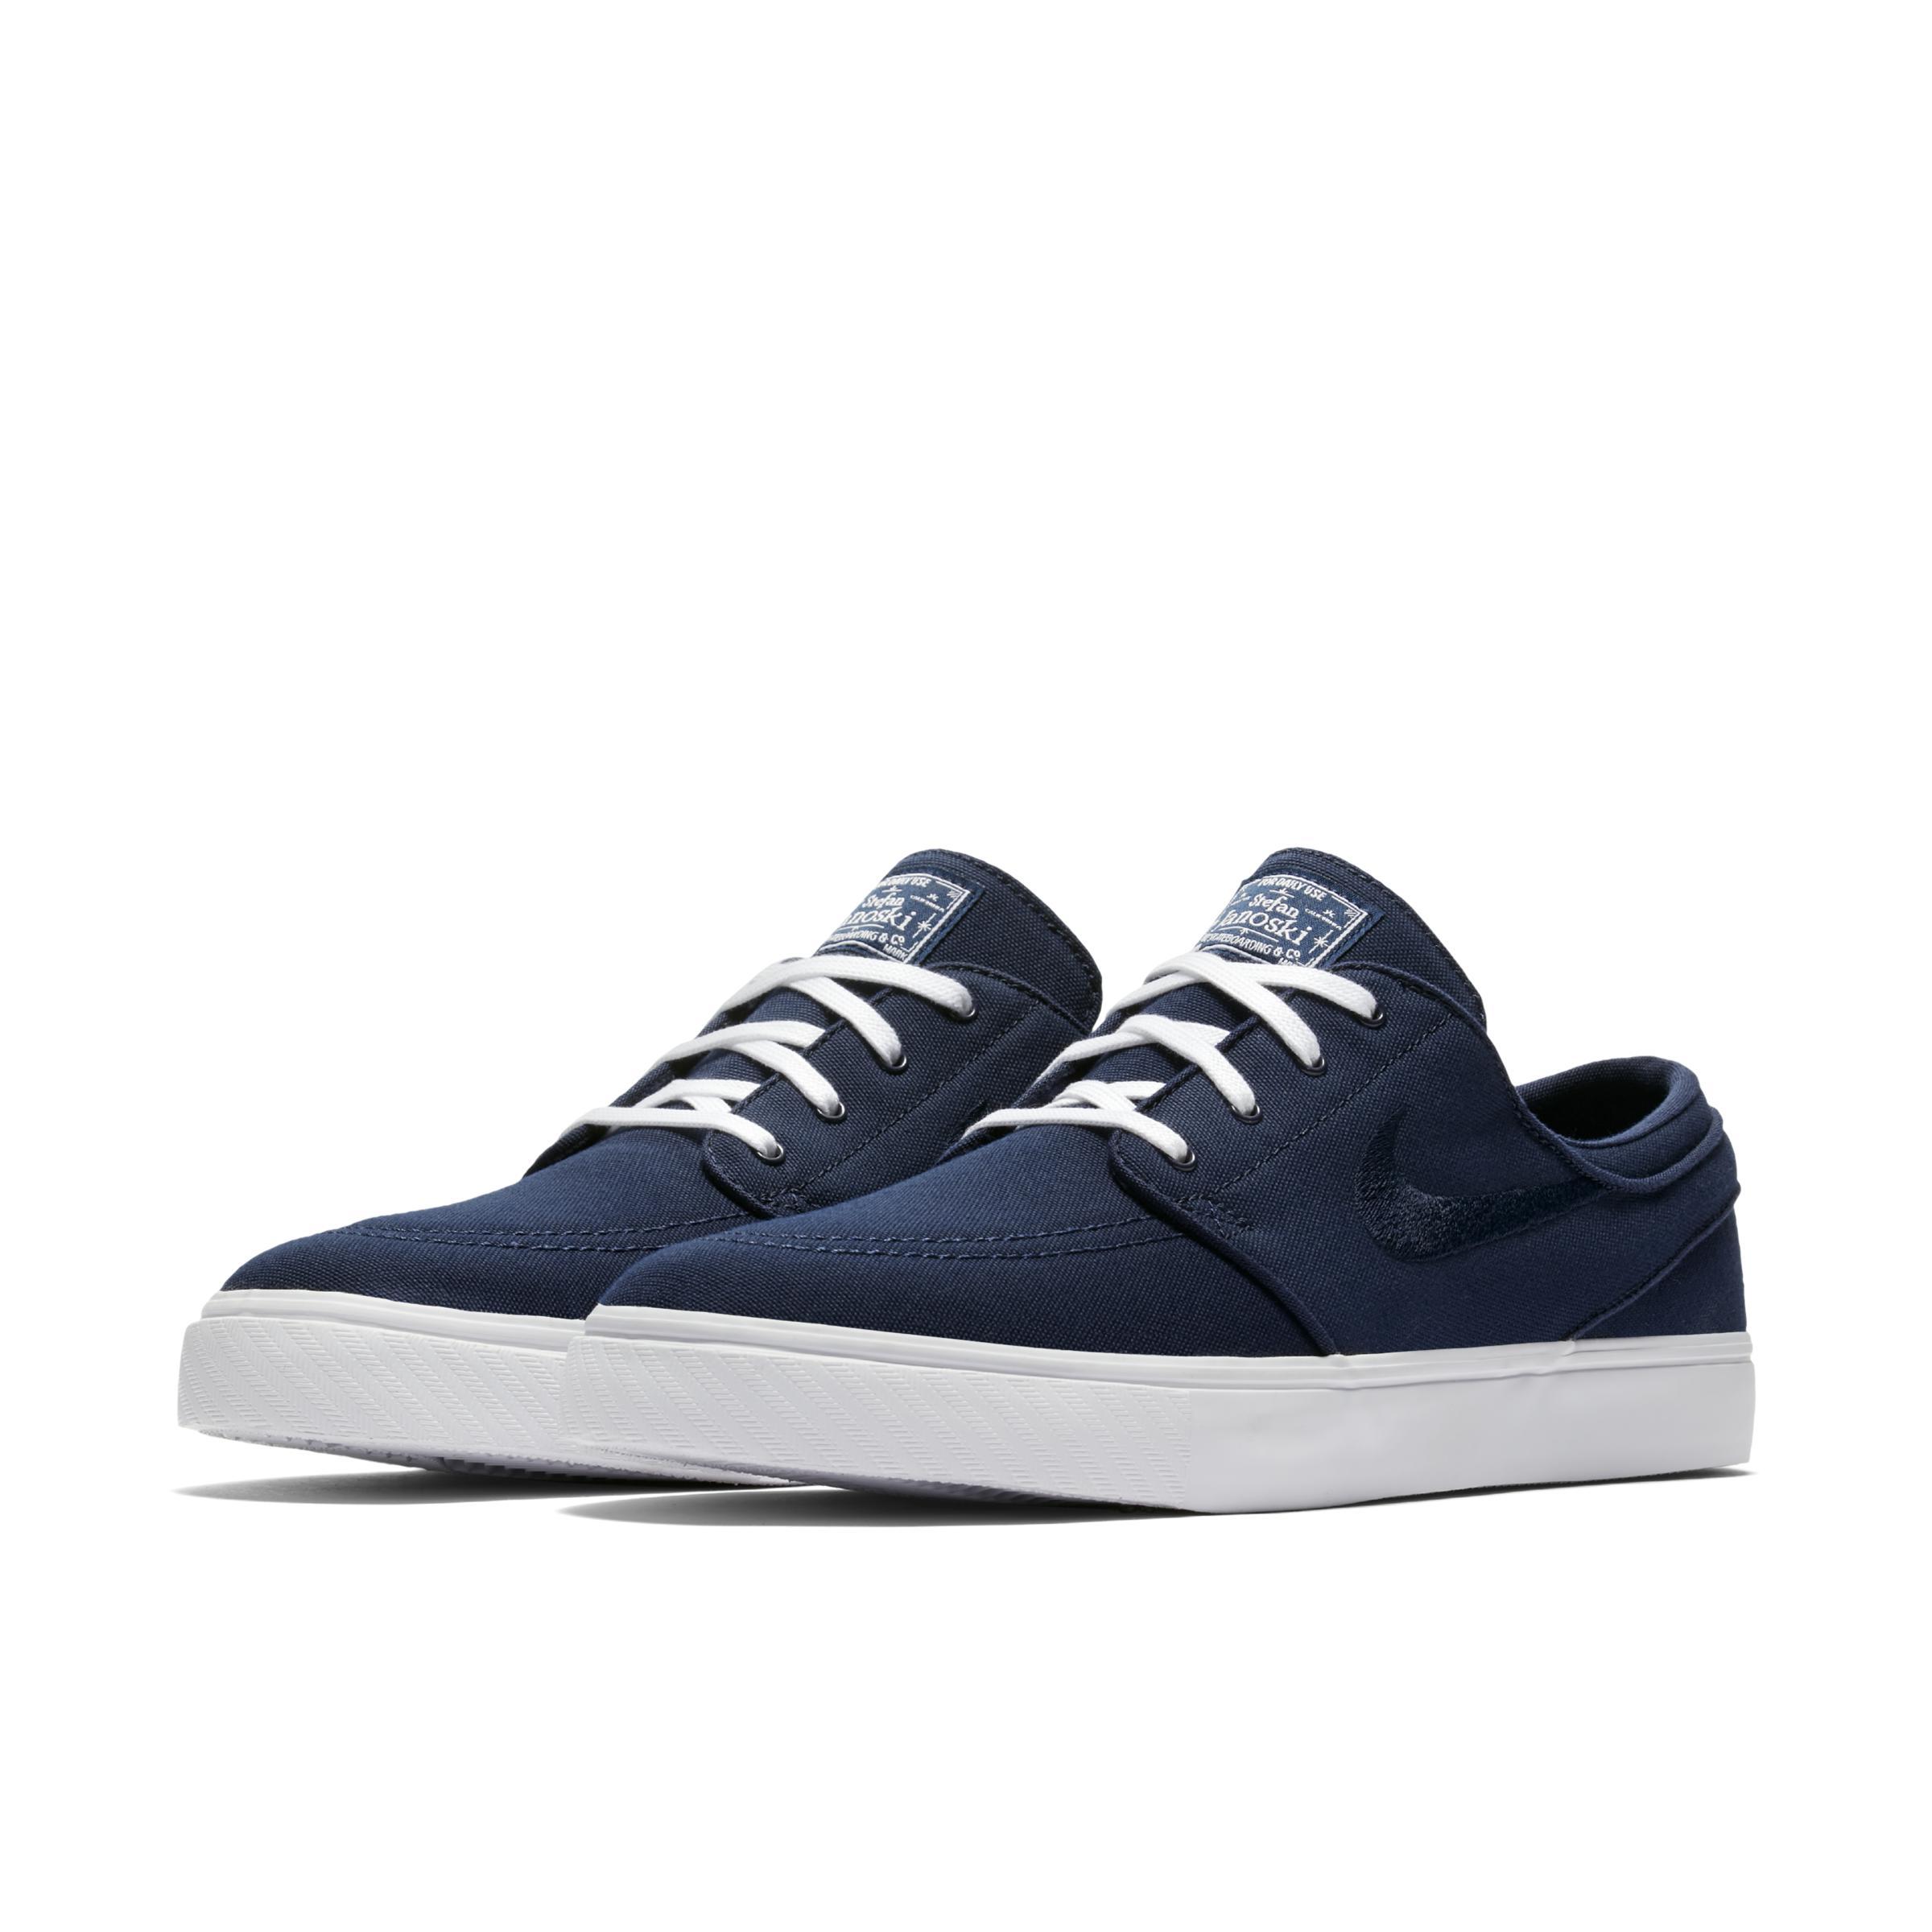 pretty nice 32826 864ec SB Zoom Stefan Janoski Canvas Zapatillas de skateboard Nike de ...